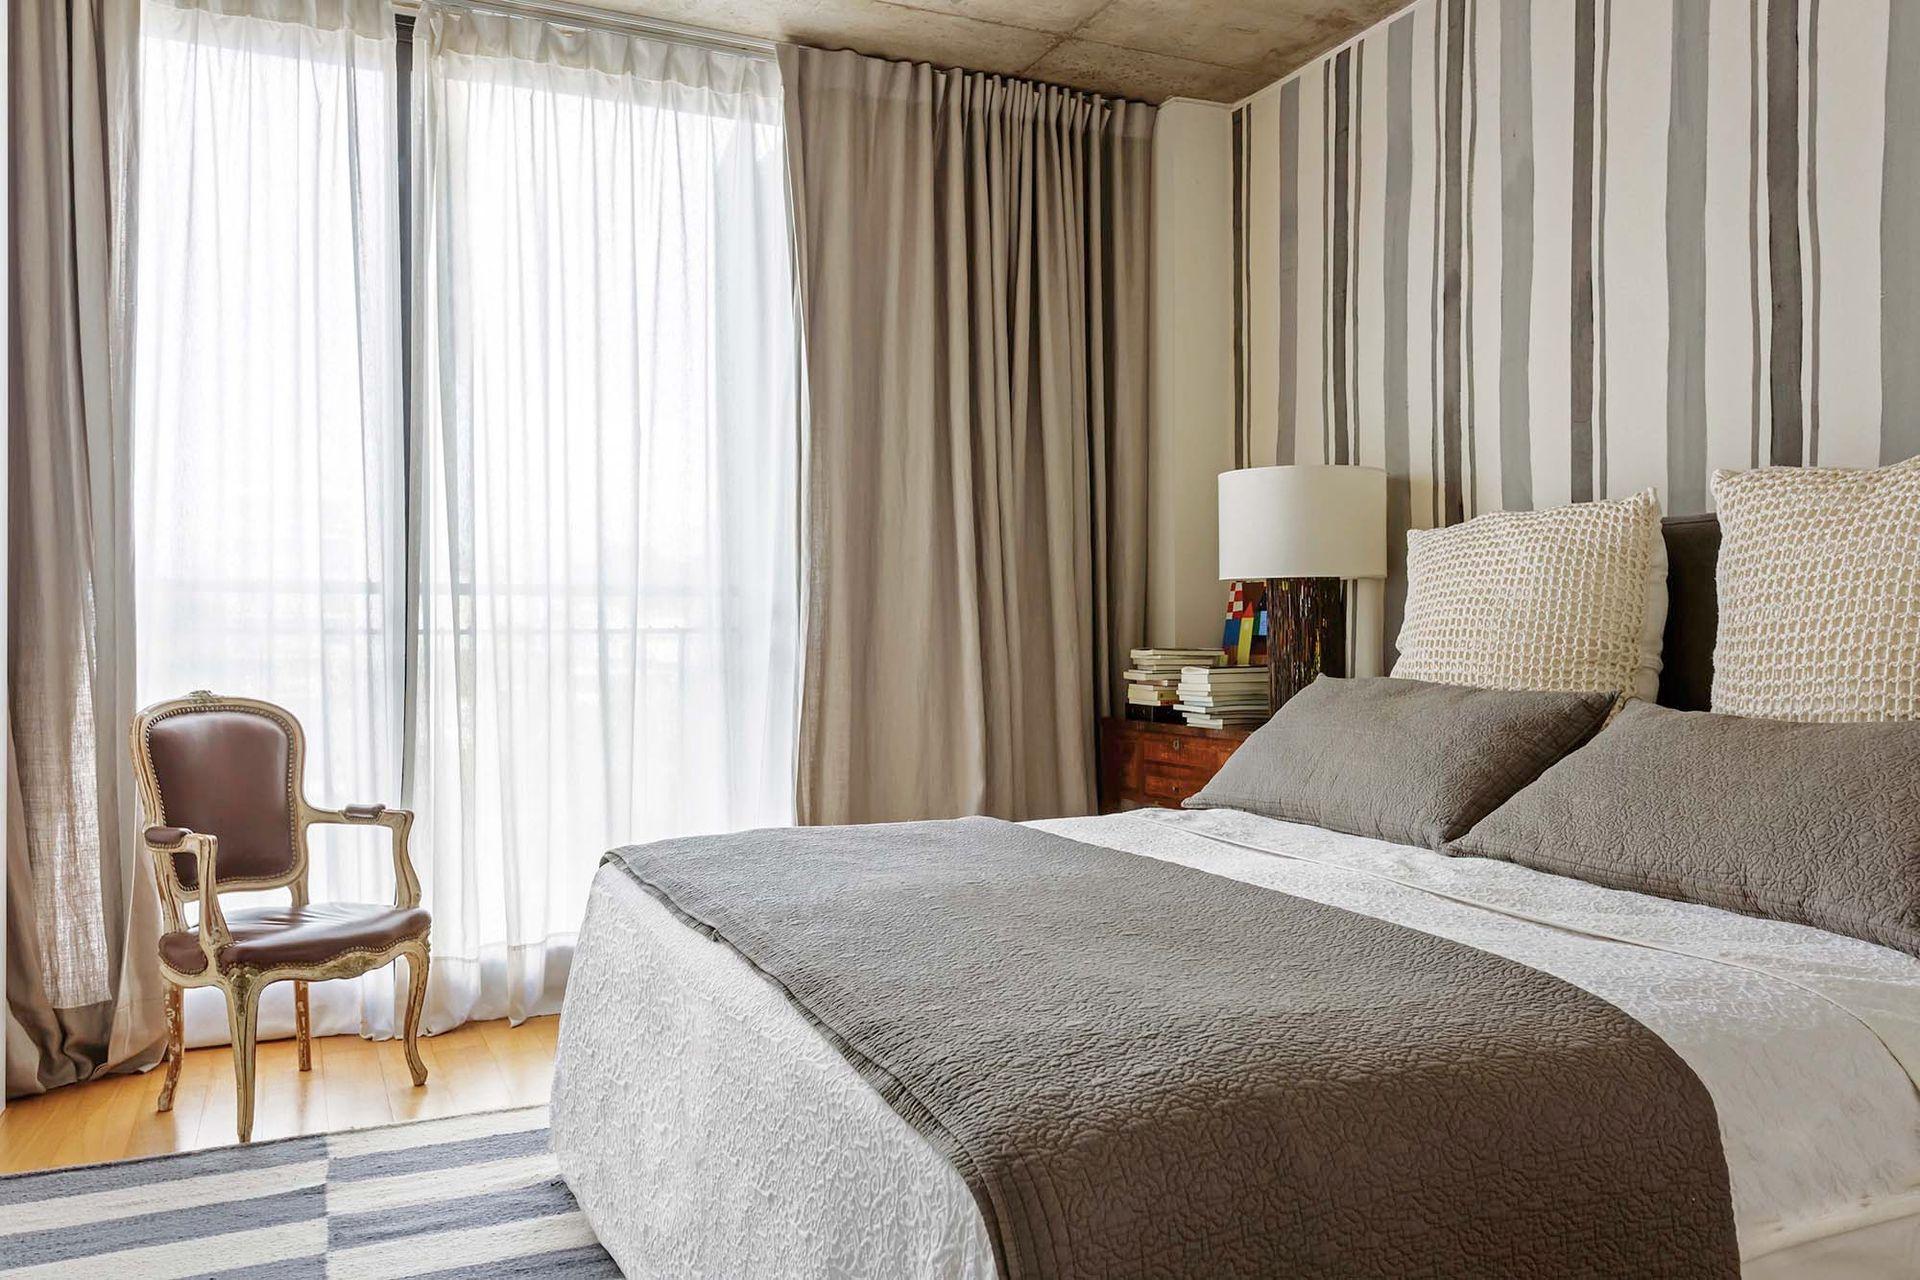 Un doble cortinado –voile translúcido detrás y lino por delante– y un género pintado a mano en la pared de la cabecera marcan el cálido tono del cuarto principal.